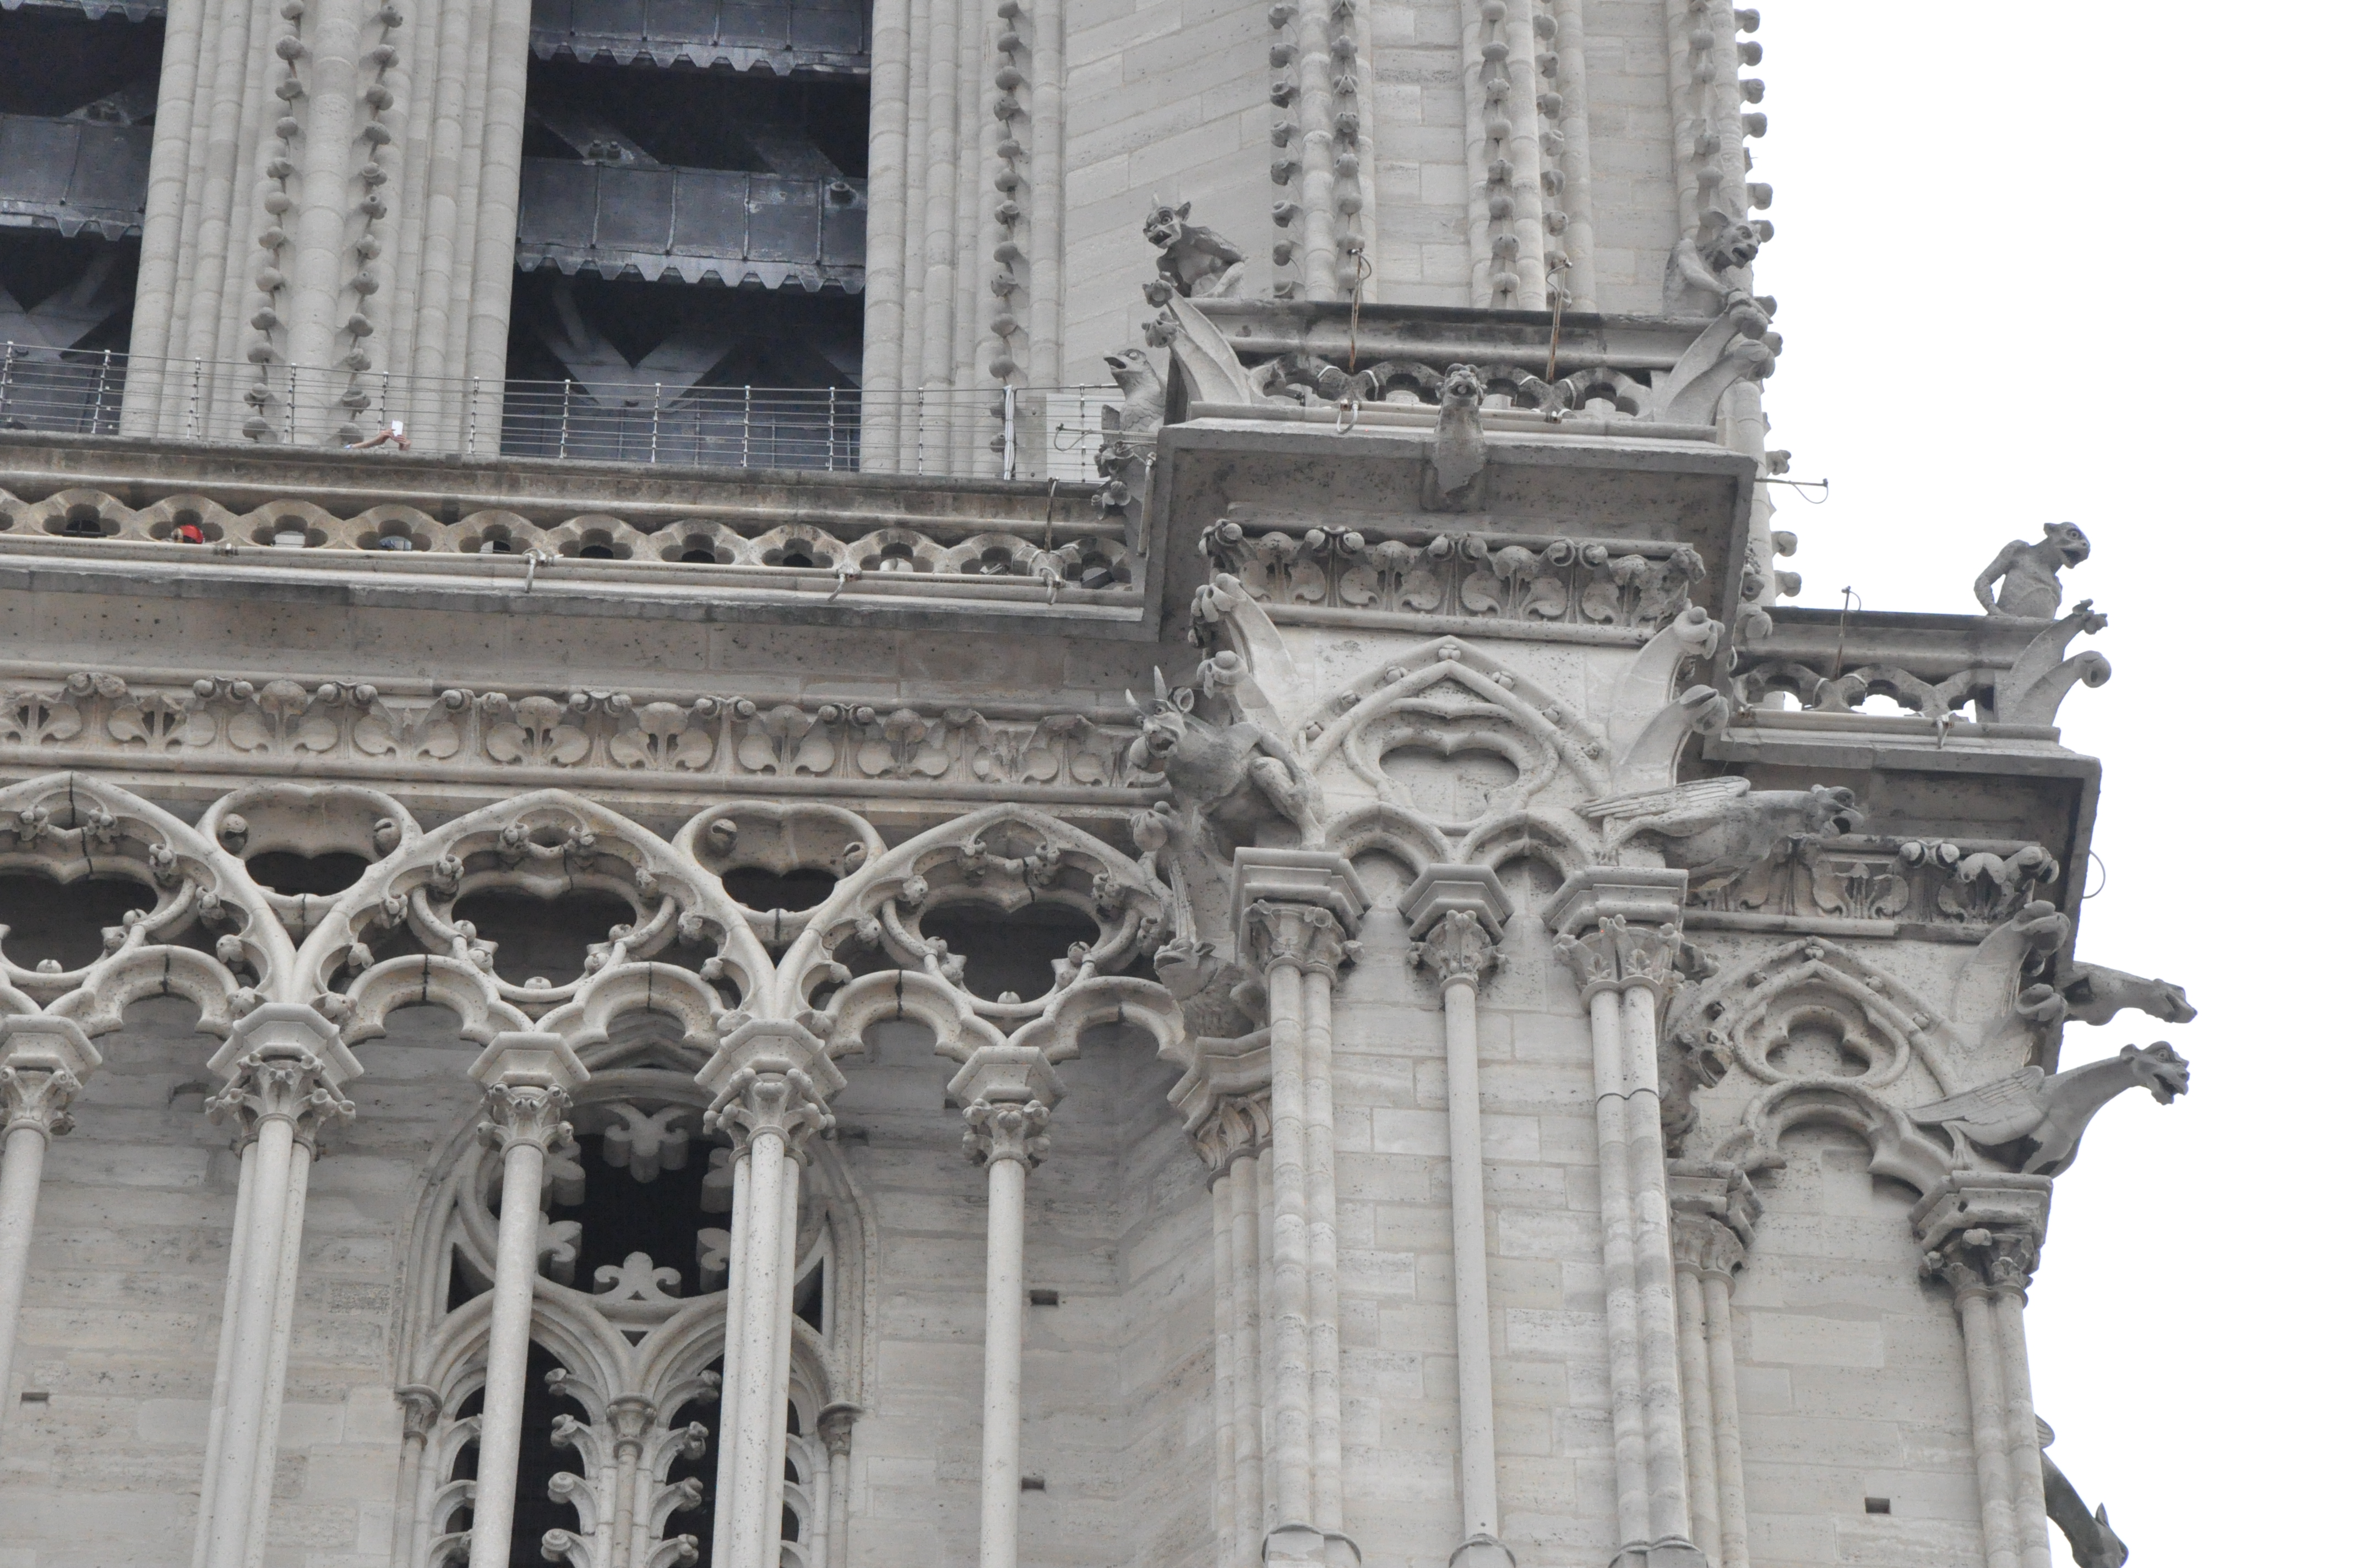 FileCathedral Notre Dame De Paris France Gargoyles In West Facade